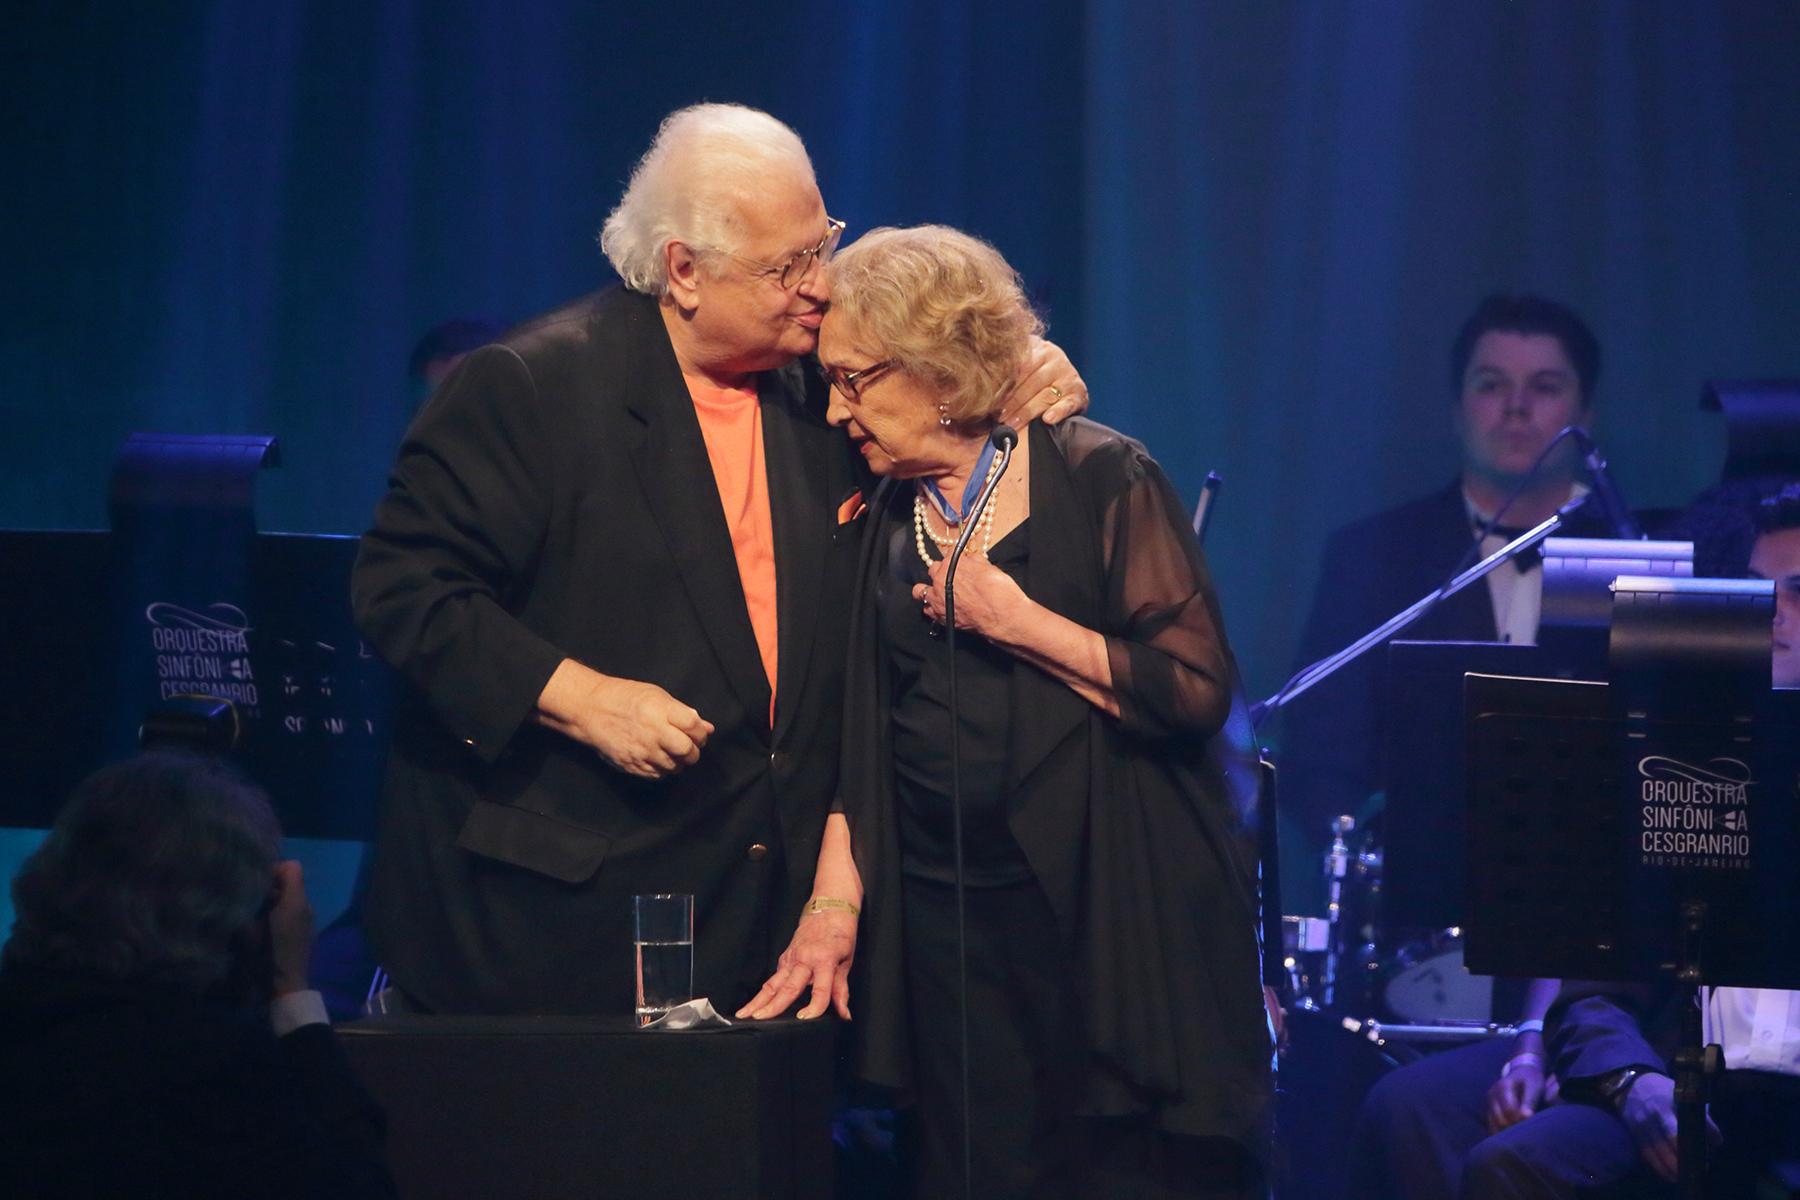 Carlos Alberto Serpa, Presidente da Fundação Cesgranrio, ao lado de Eva Wilma, grande homenageada da noite